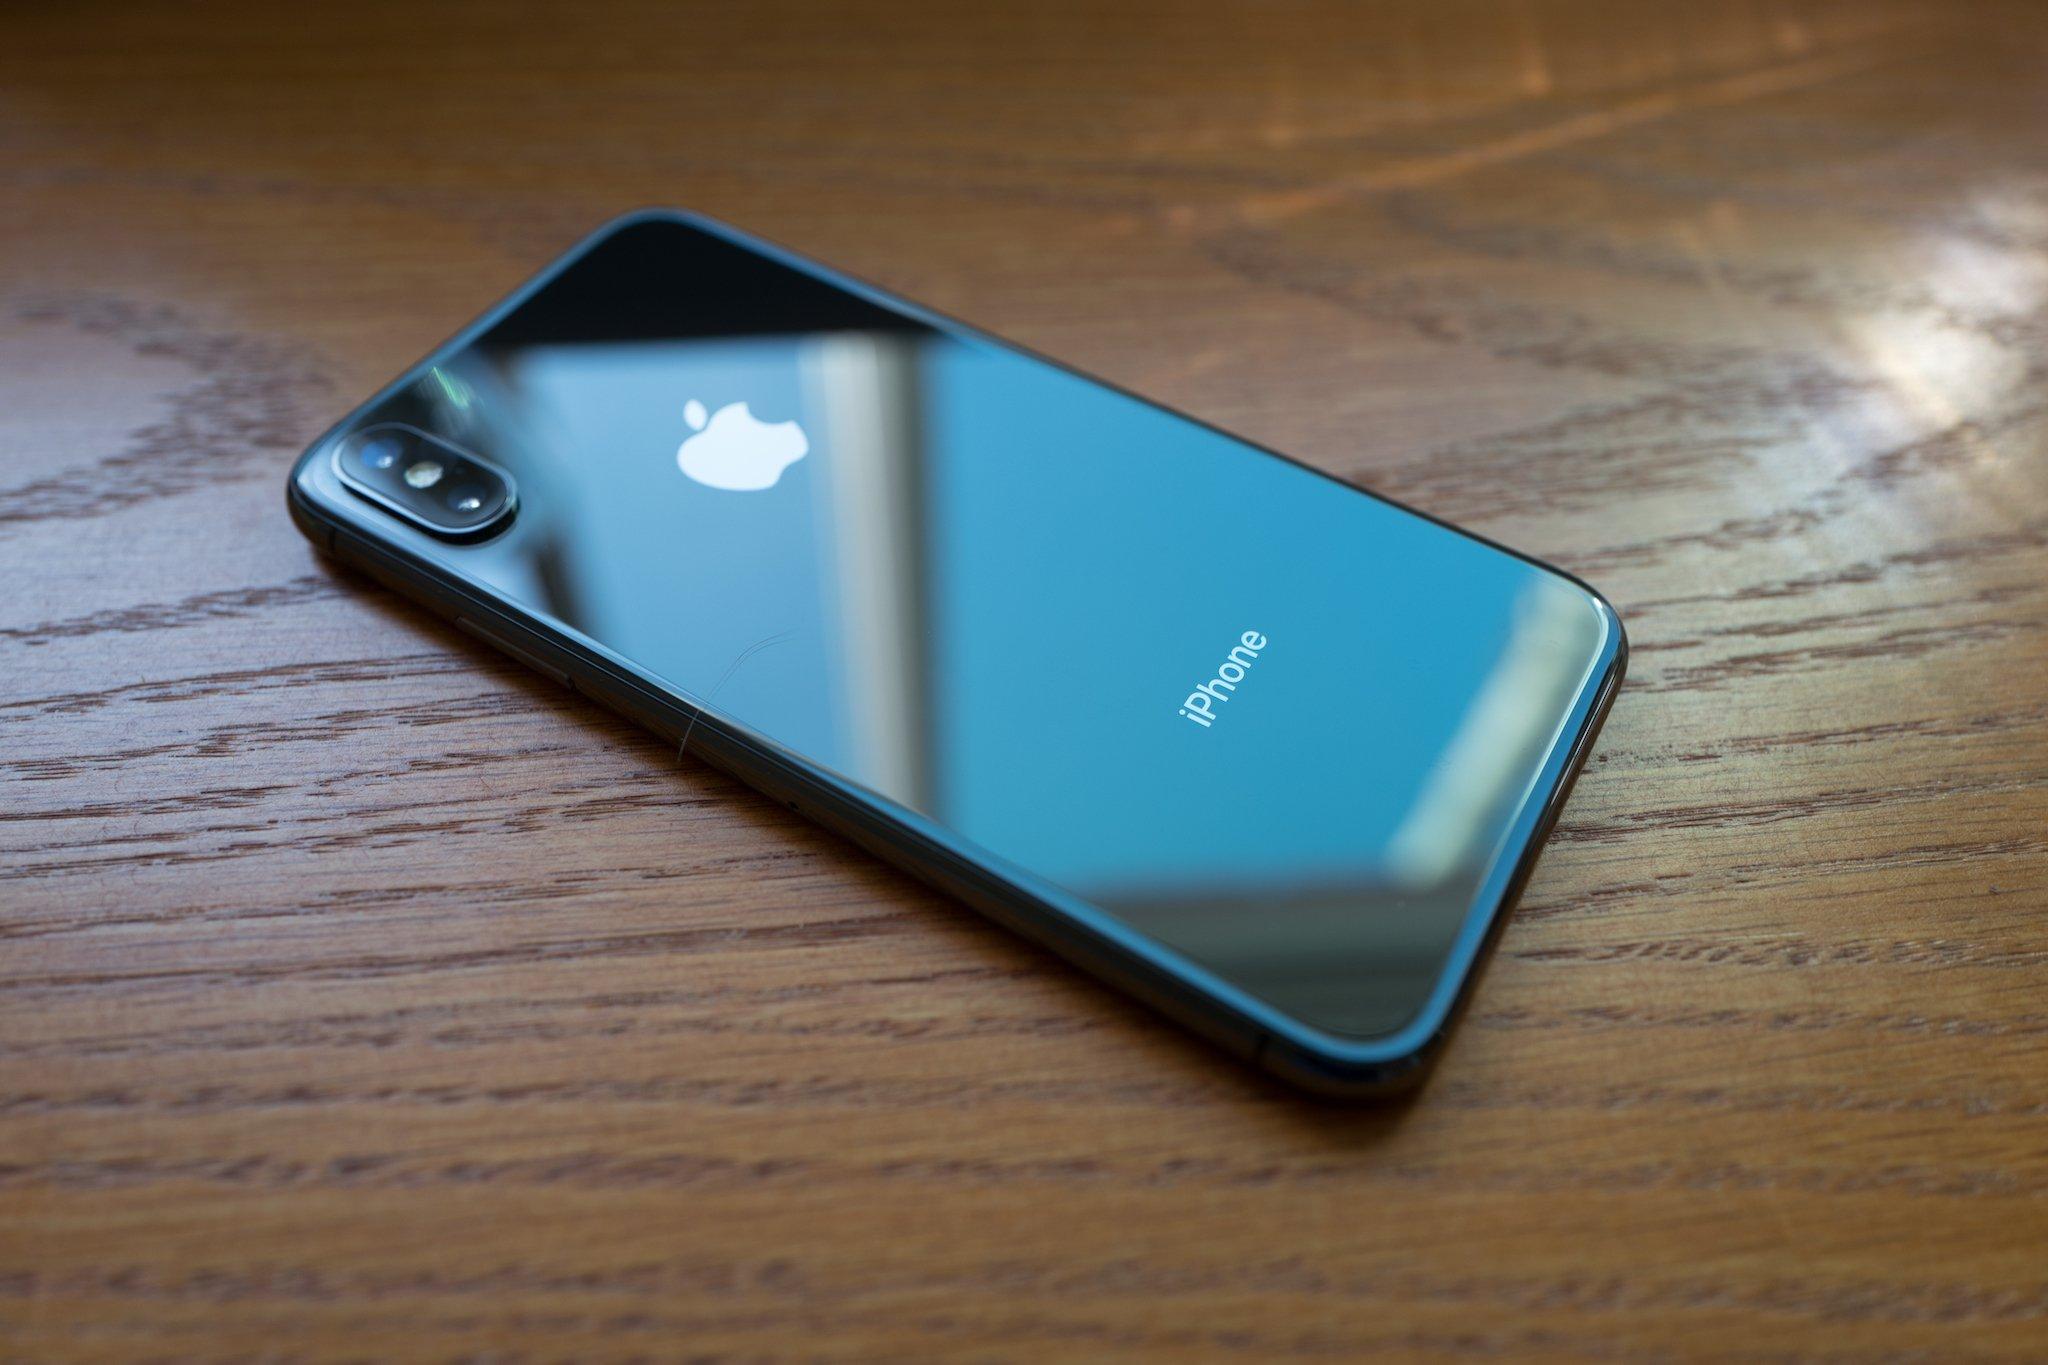 Khám phá iPhone X cũ được bán tại Huy Phong